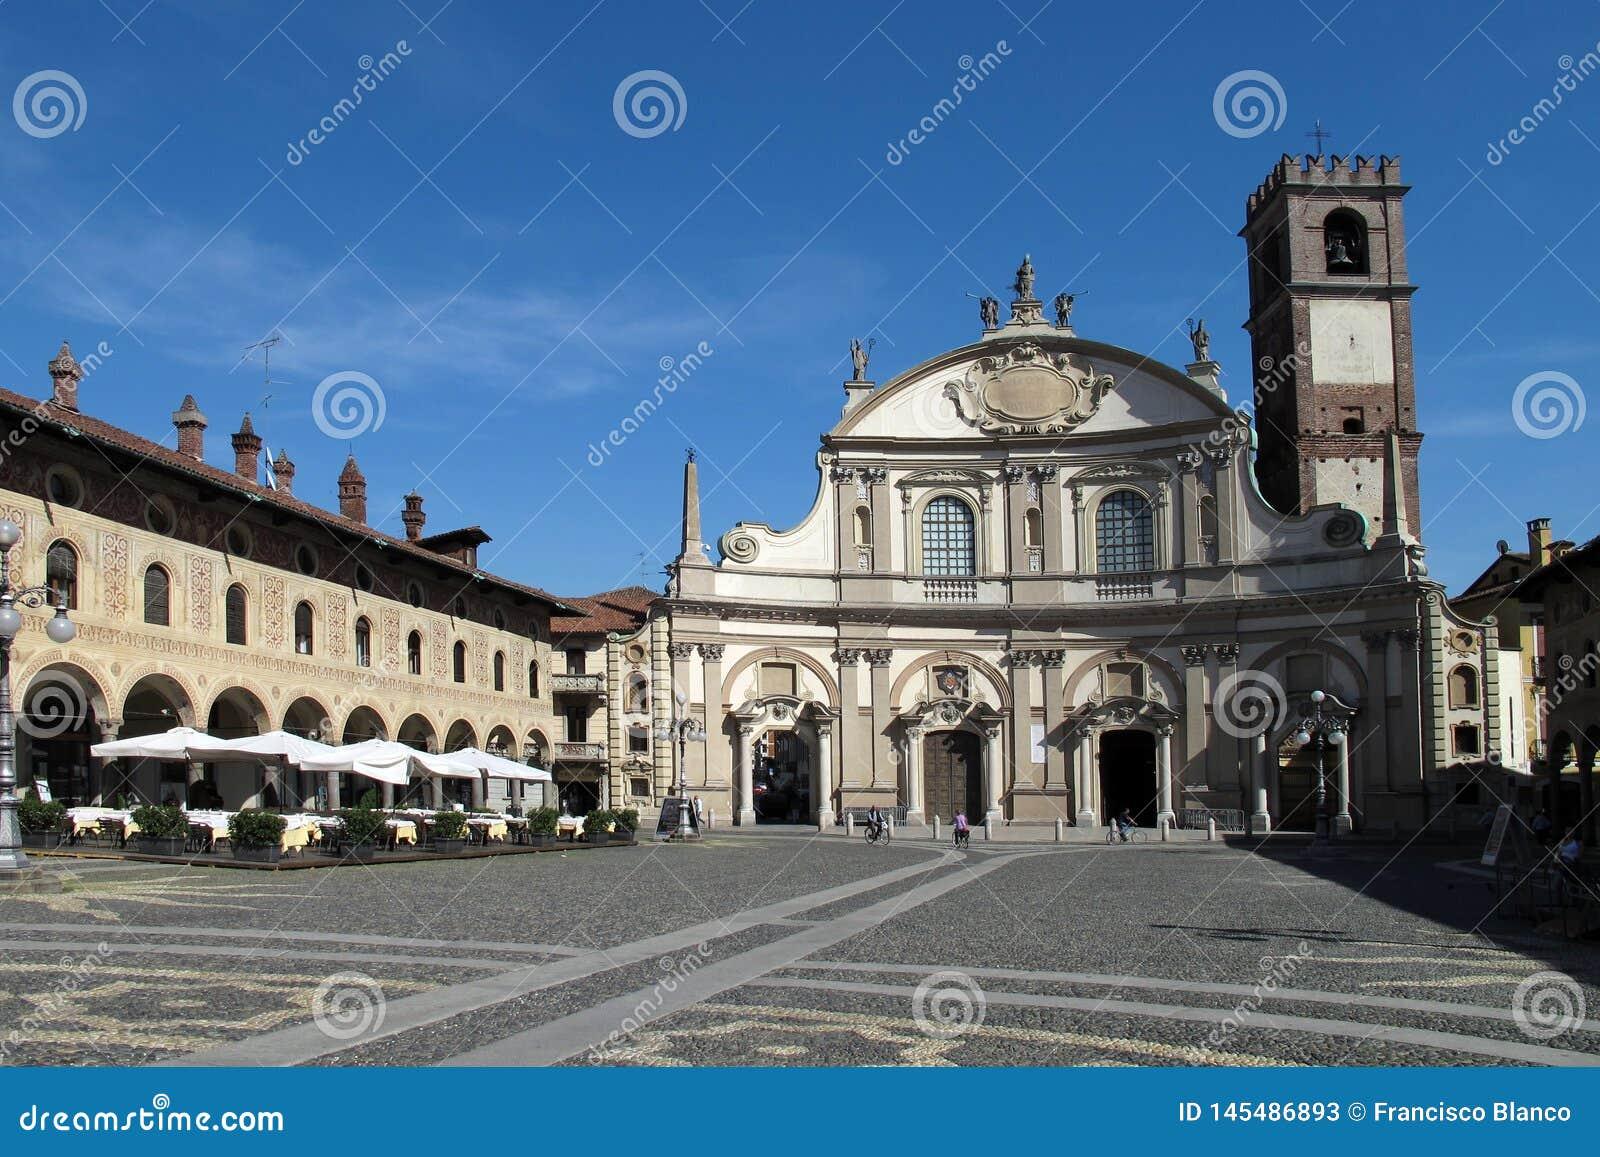 La plaza Ducale y catedral de Vigevano en Vigevano, Italia